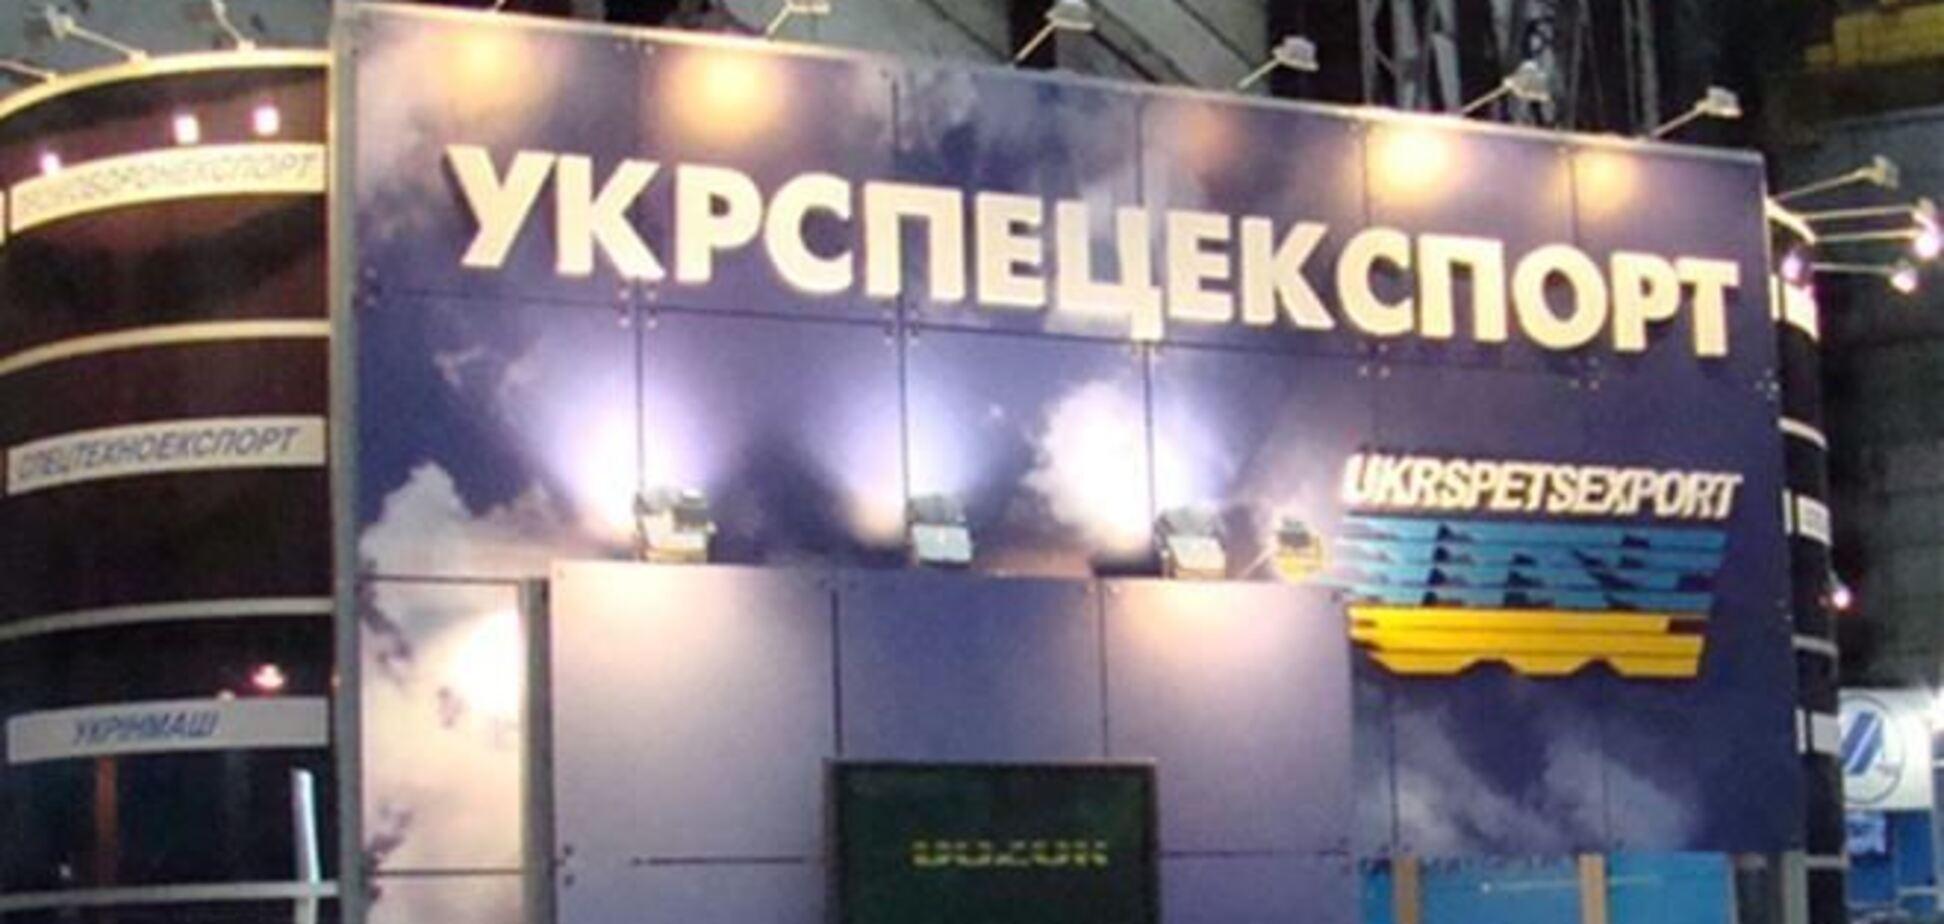 СБУ провела обыск в 'Укрспецэкспорте'